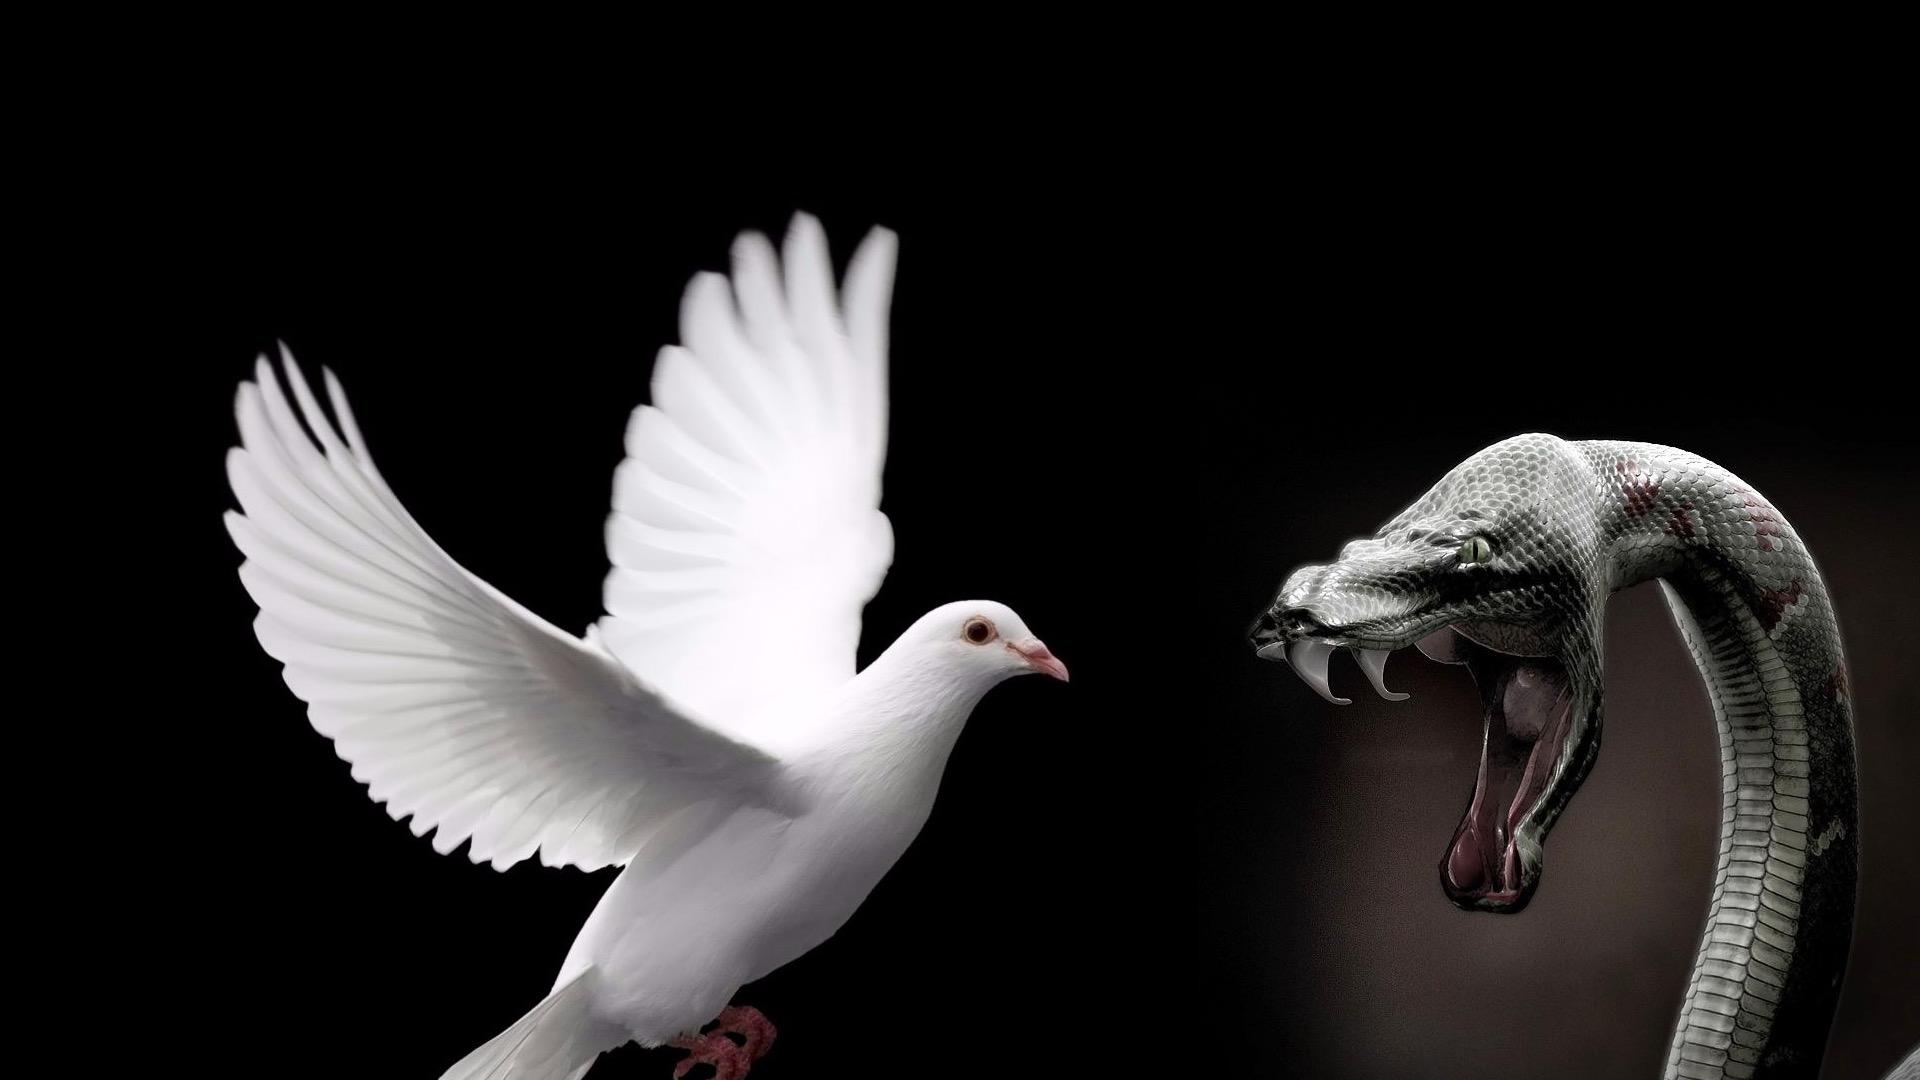 Змея и голубь